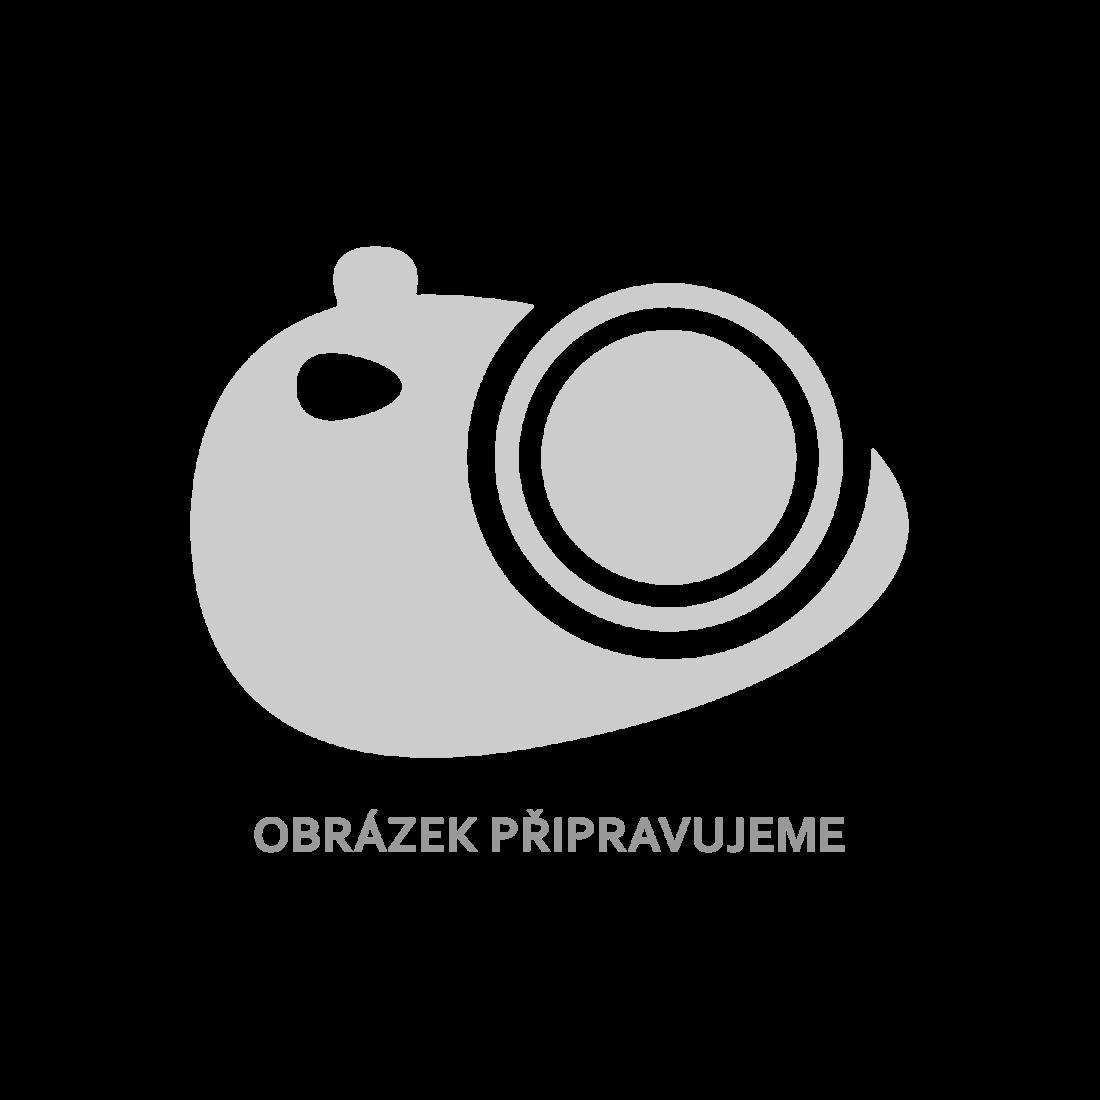 vidaXL Kancelářská skříň bílá vysoký lesk 60 x 32 x 190 cm dřevotříska [800303]